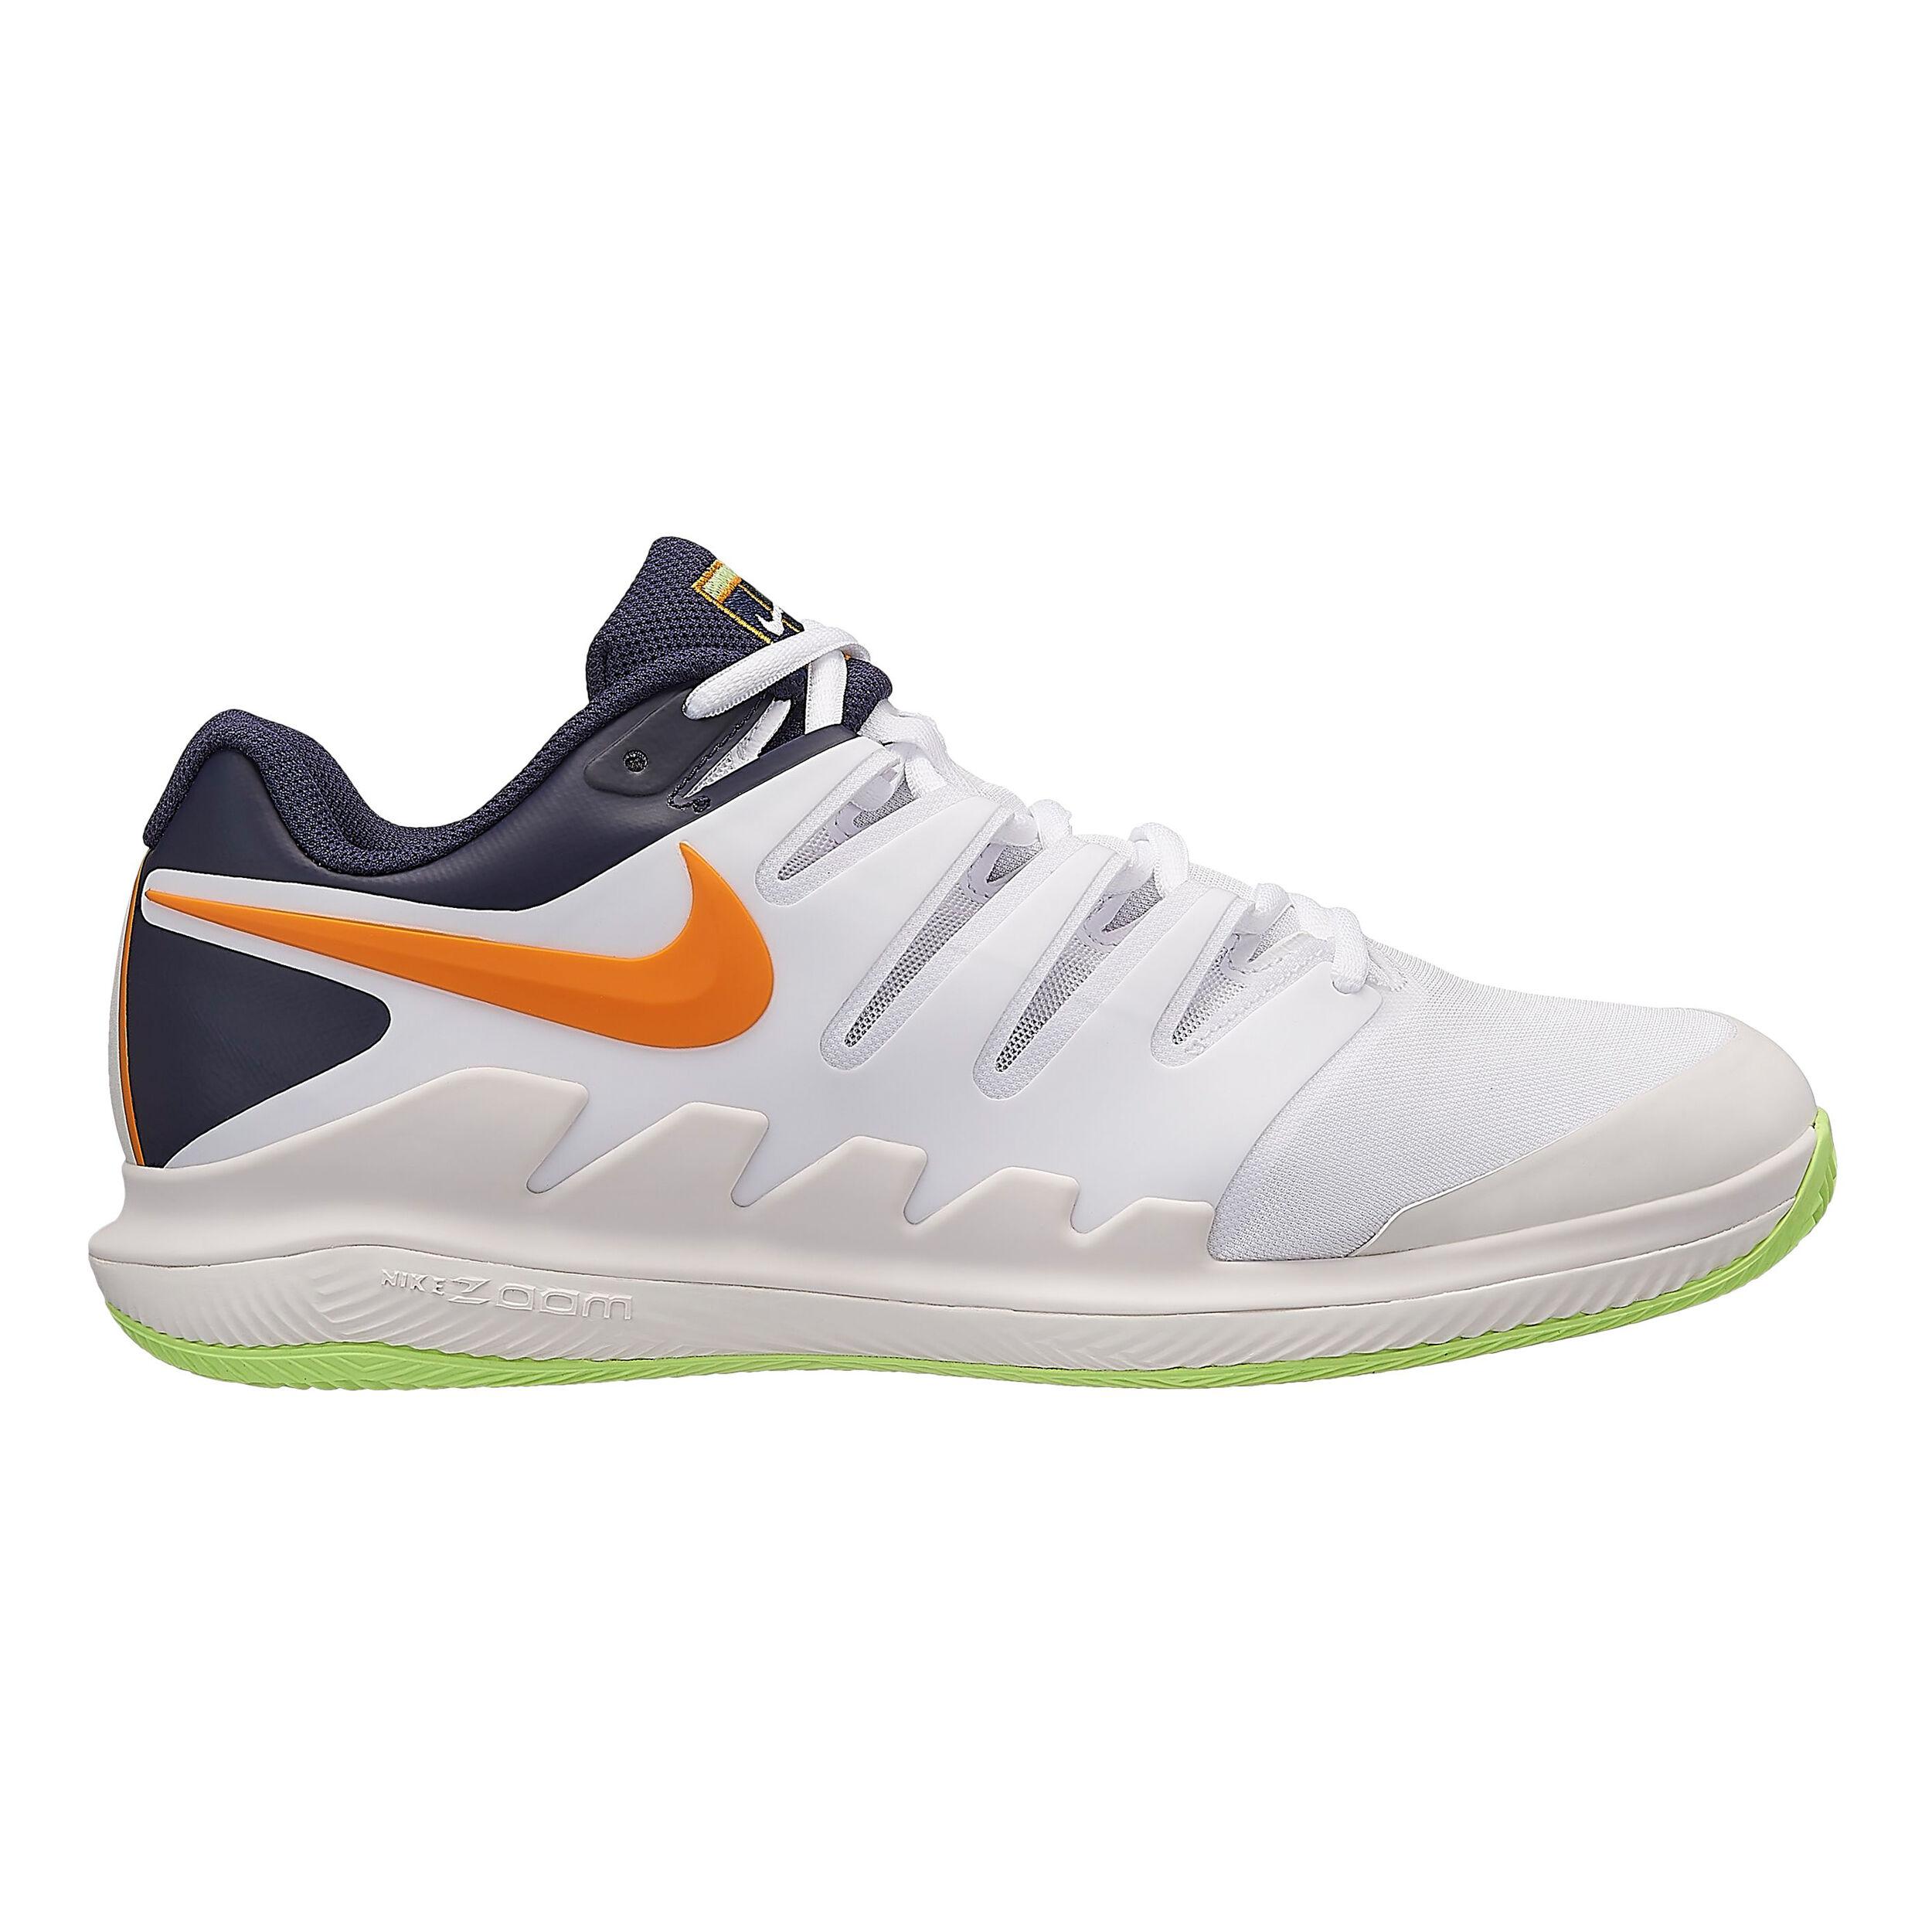 Nike Air Zoom Vapor X Clay Chaussure Terre Battue Hommes Blanc , Bleu Foncé